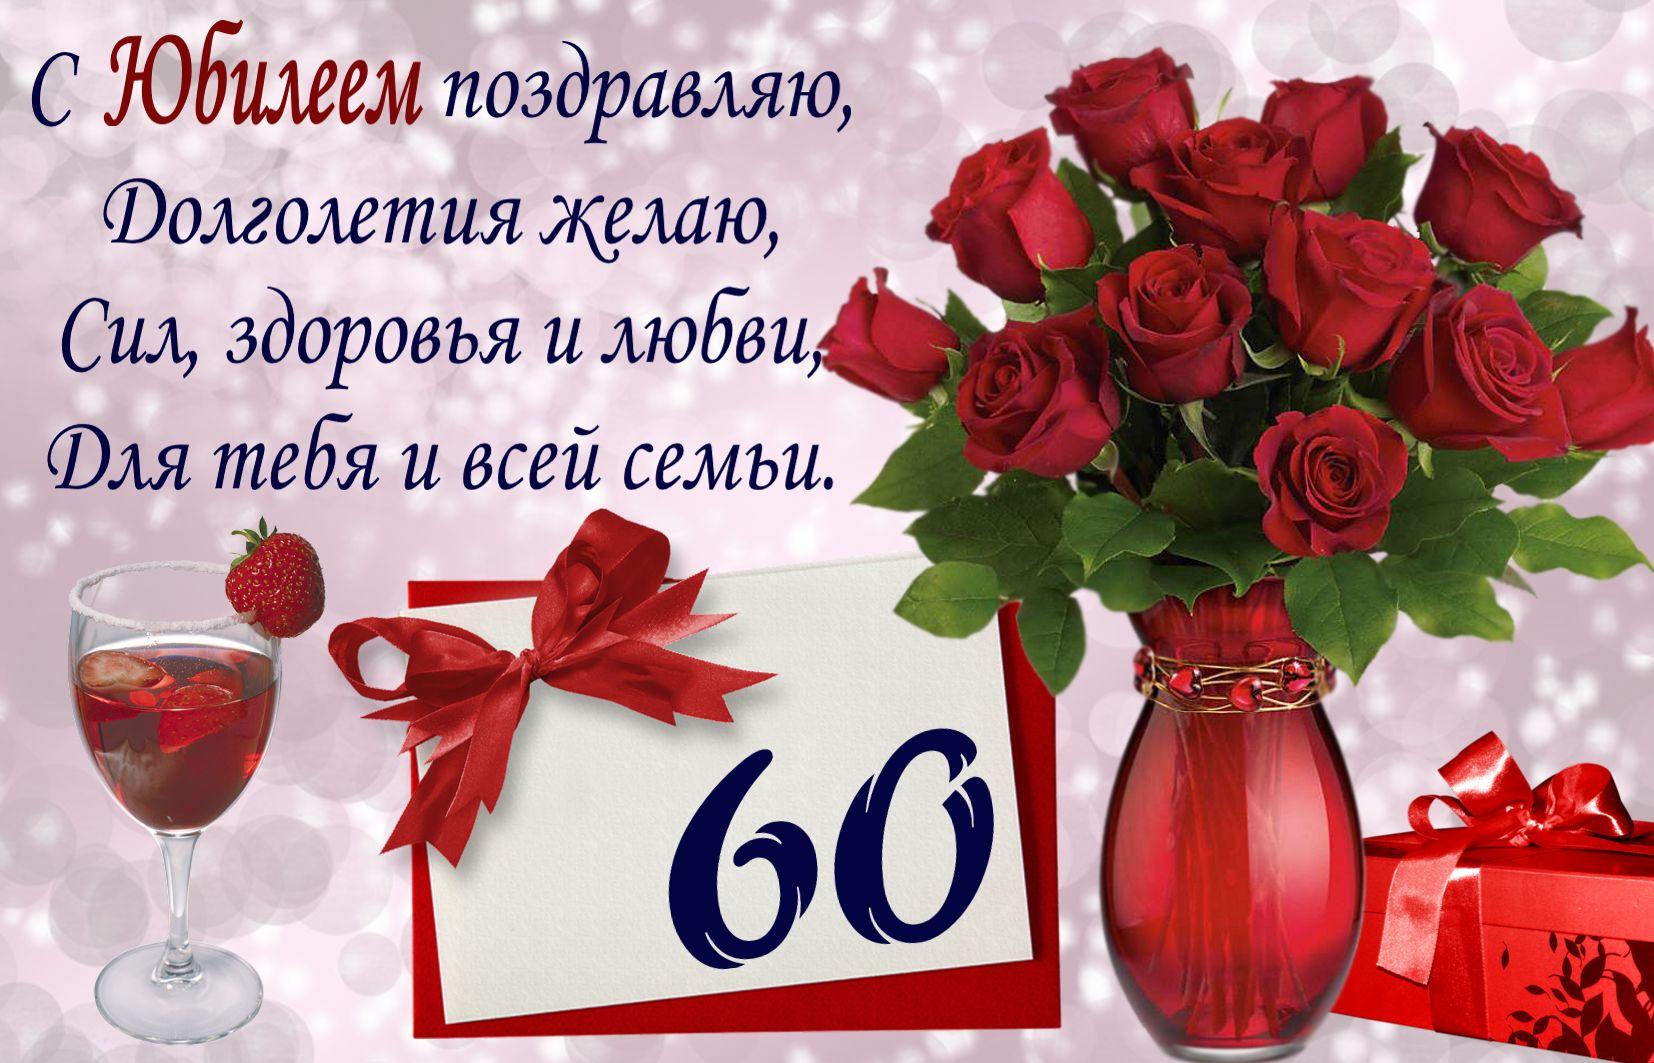 Открытка на юбилей с красивым букетом роз